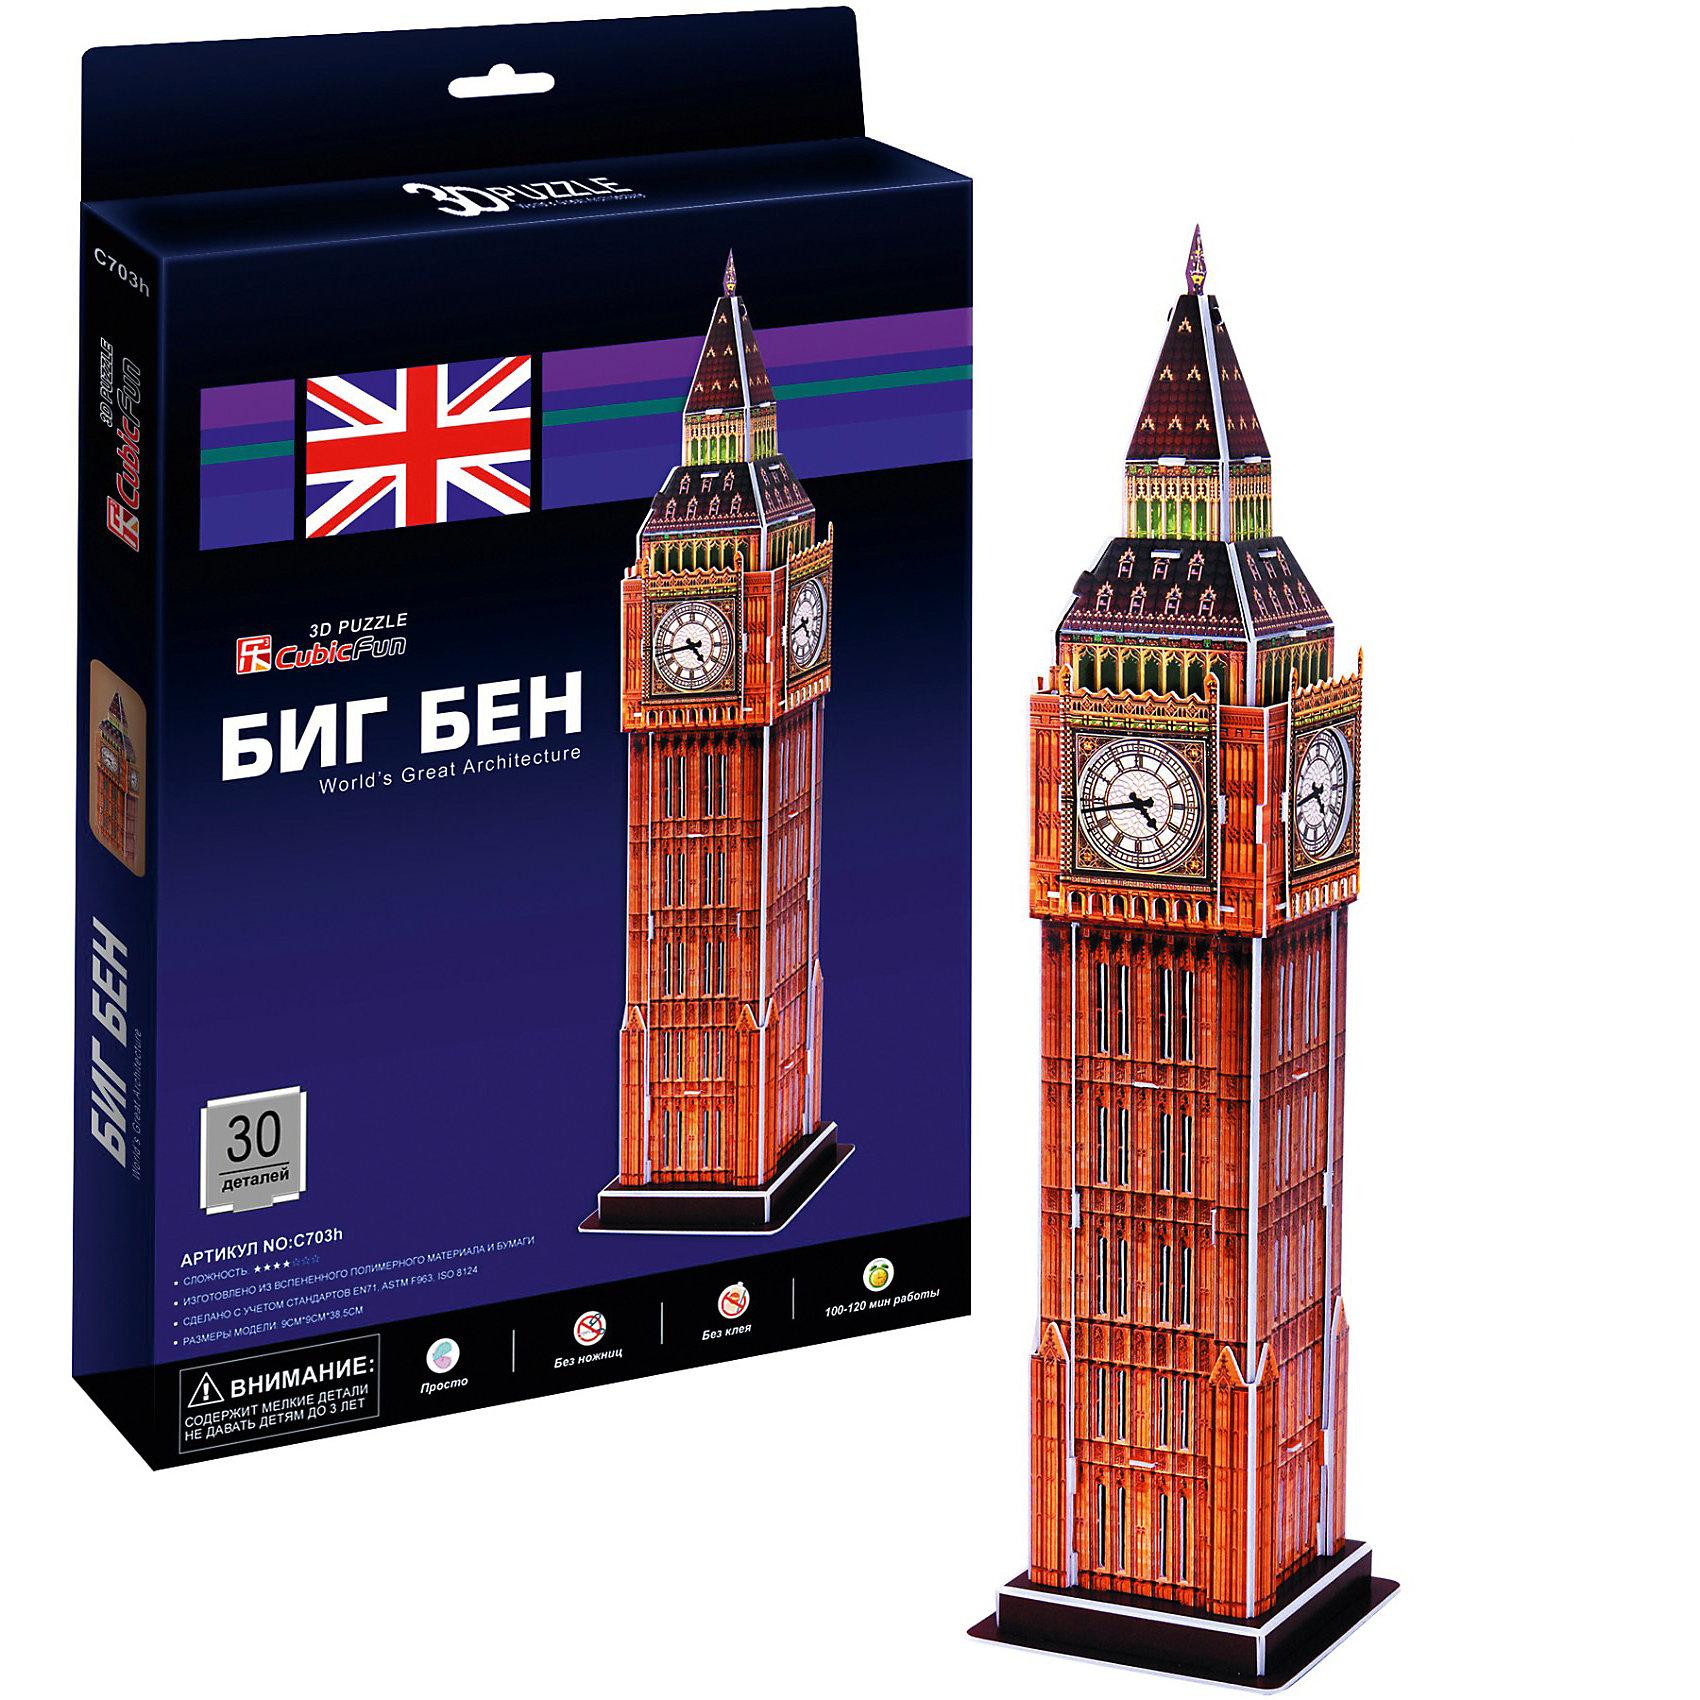 CubicFun Пазл 3D Биг бен 2 (Лондон), 30 деталей, CubicFun cubicfun 3d пазл эйфелева башня 2 франция cubicfun 33 детали